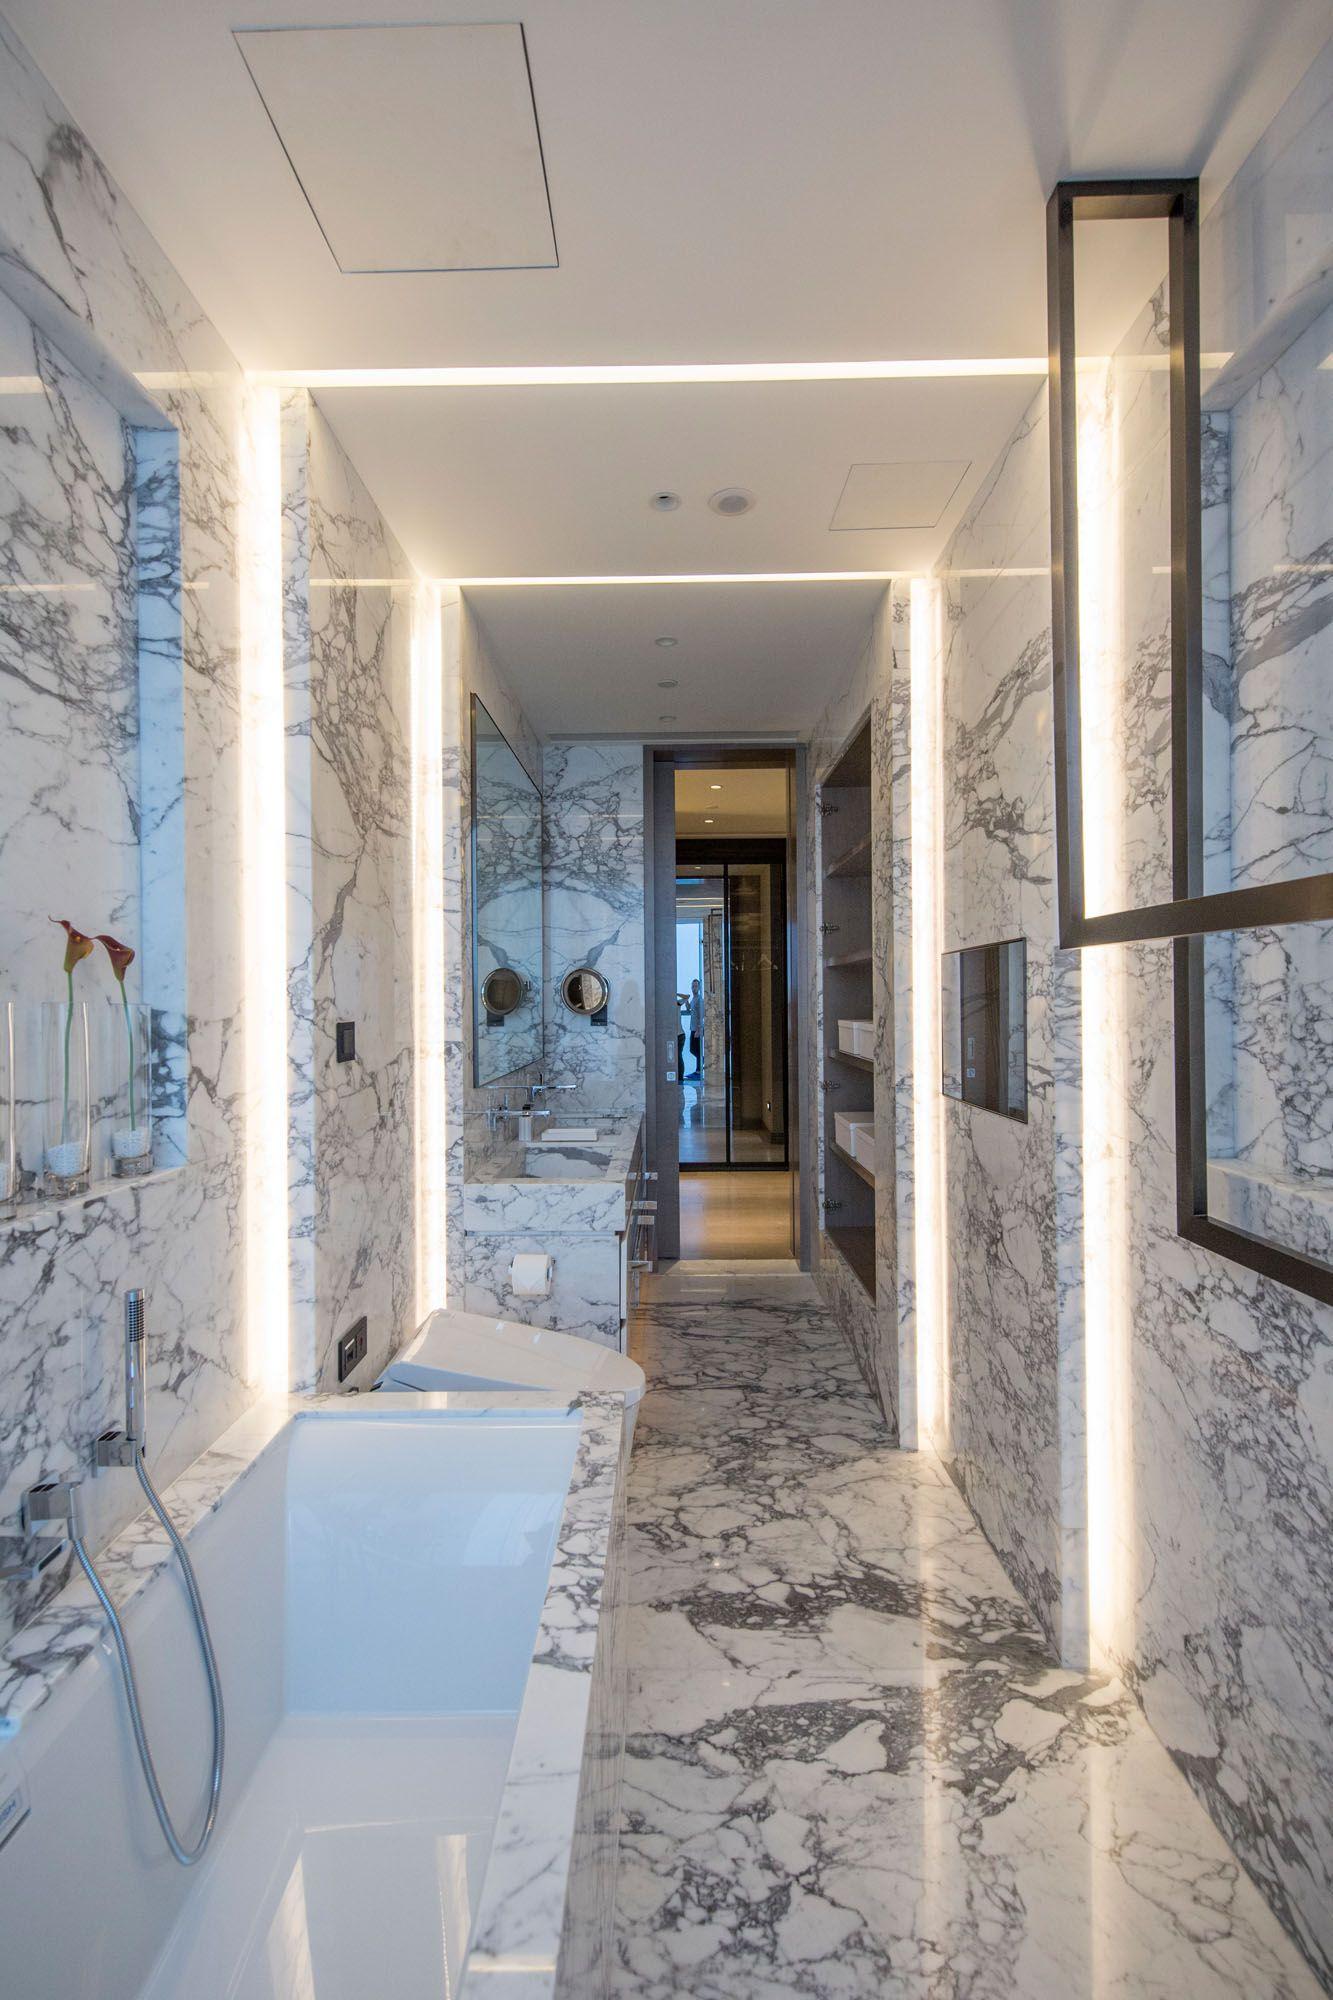 Rustikale vintage badezimmer dekor pin von johann auf badezimmer  pinterest  luxus und badezimmer